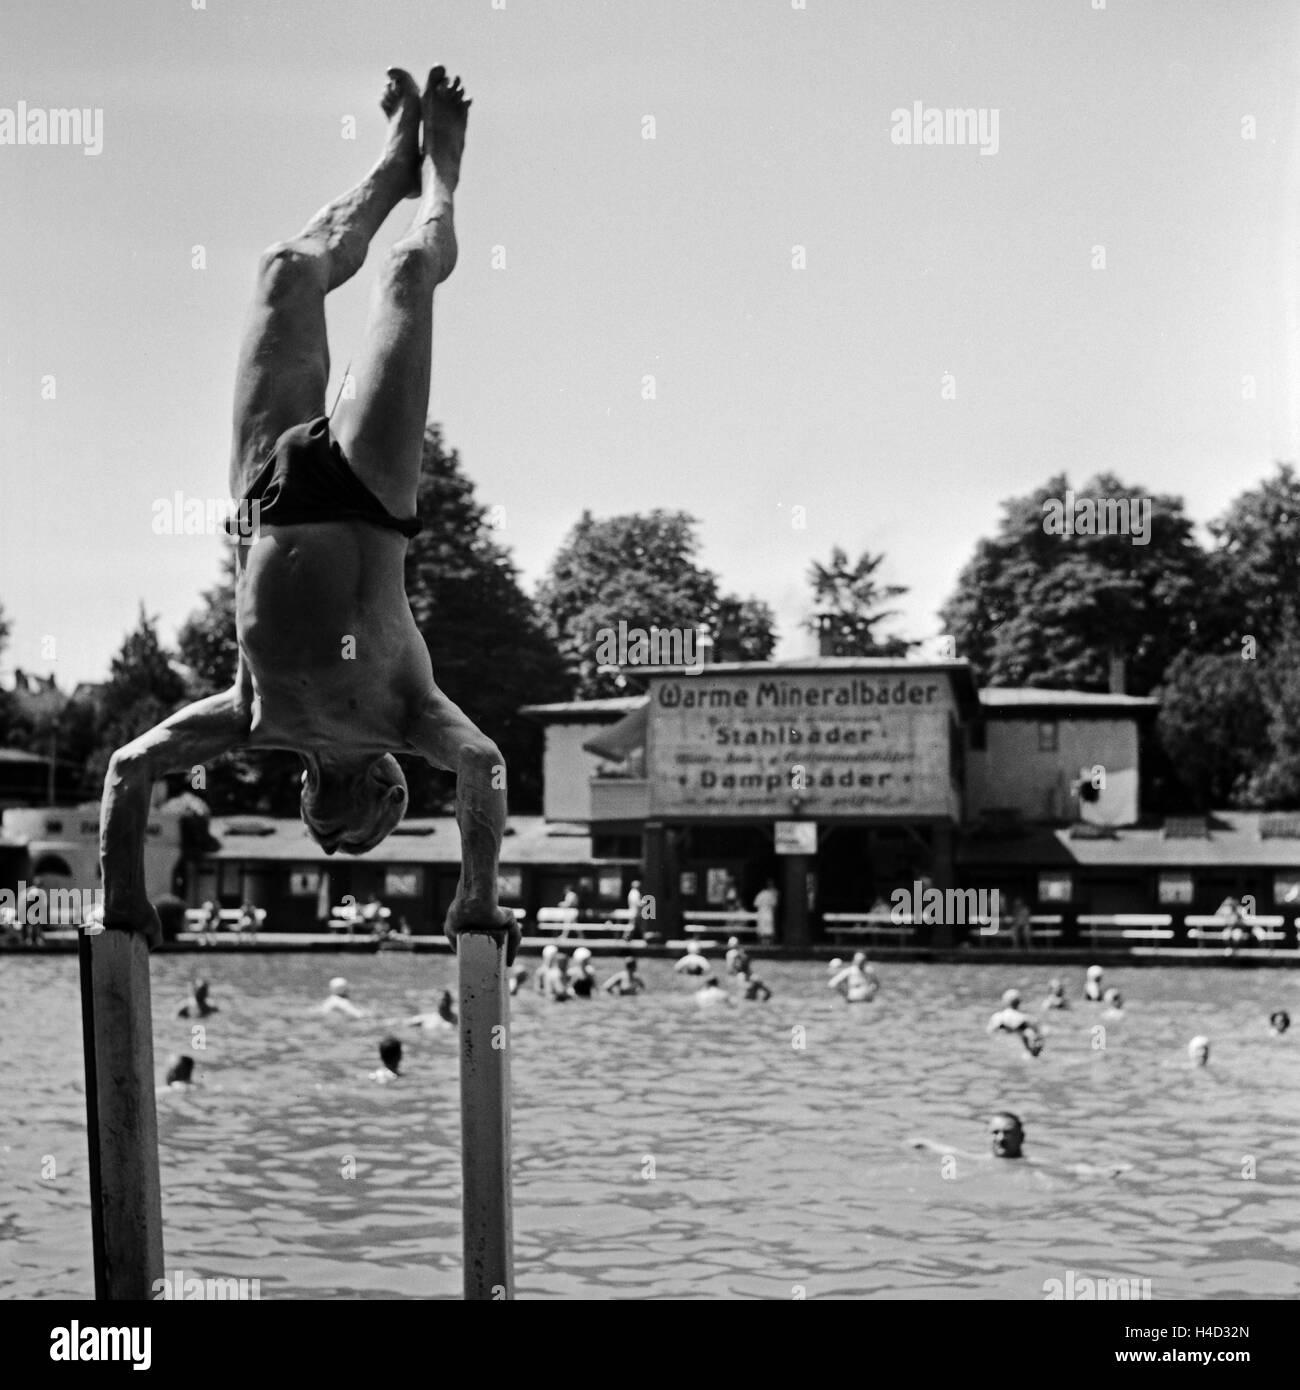 Ein Mann Macht Kunststücke bin Beckenrand Eines Mineralbads, 1930er Jahre Deutschland. Ein Mann, eine gewagte Stockbild